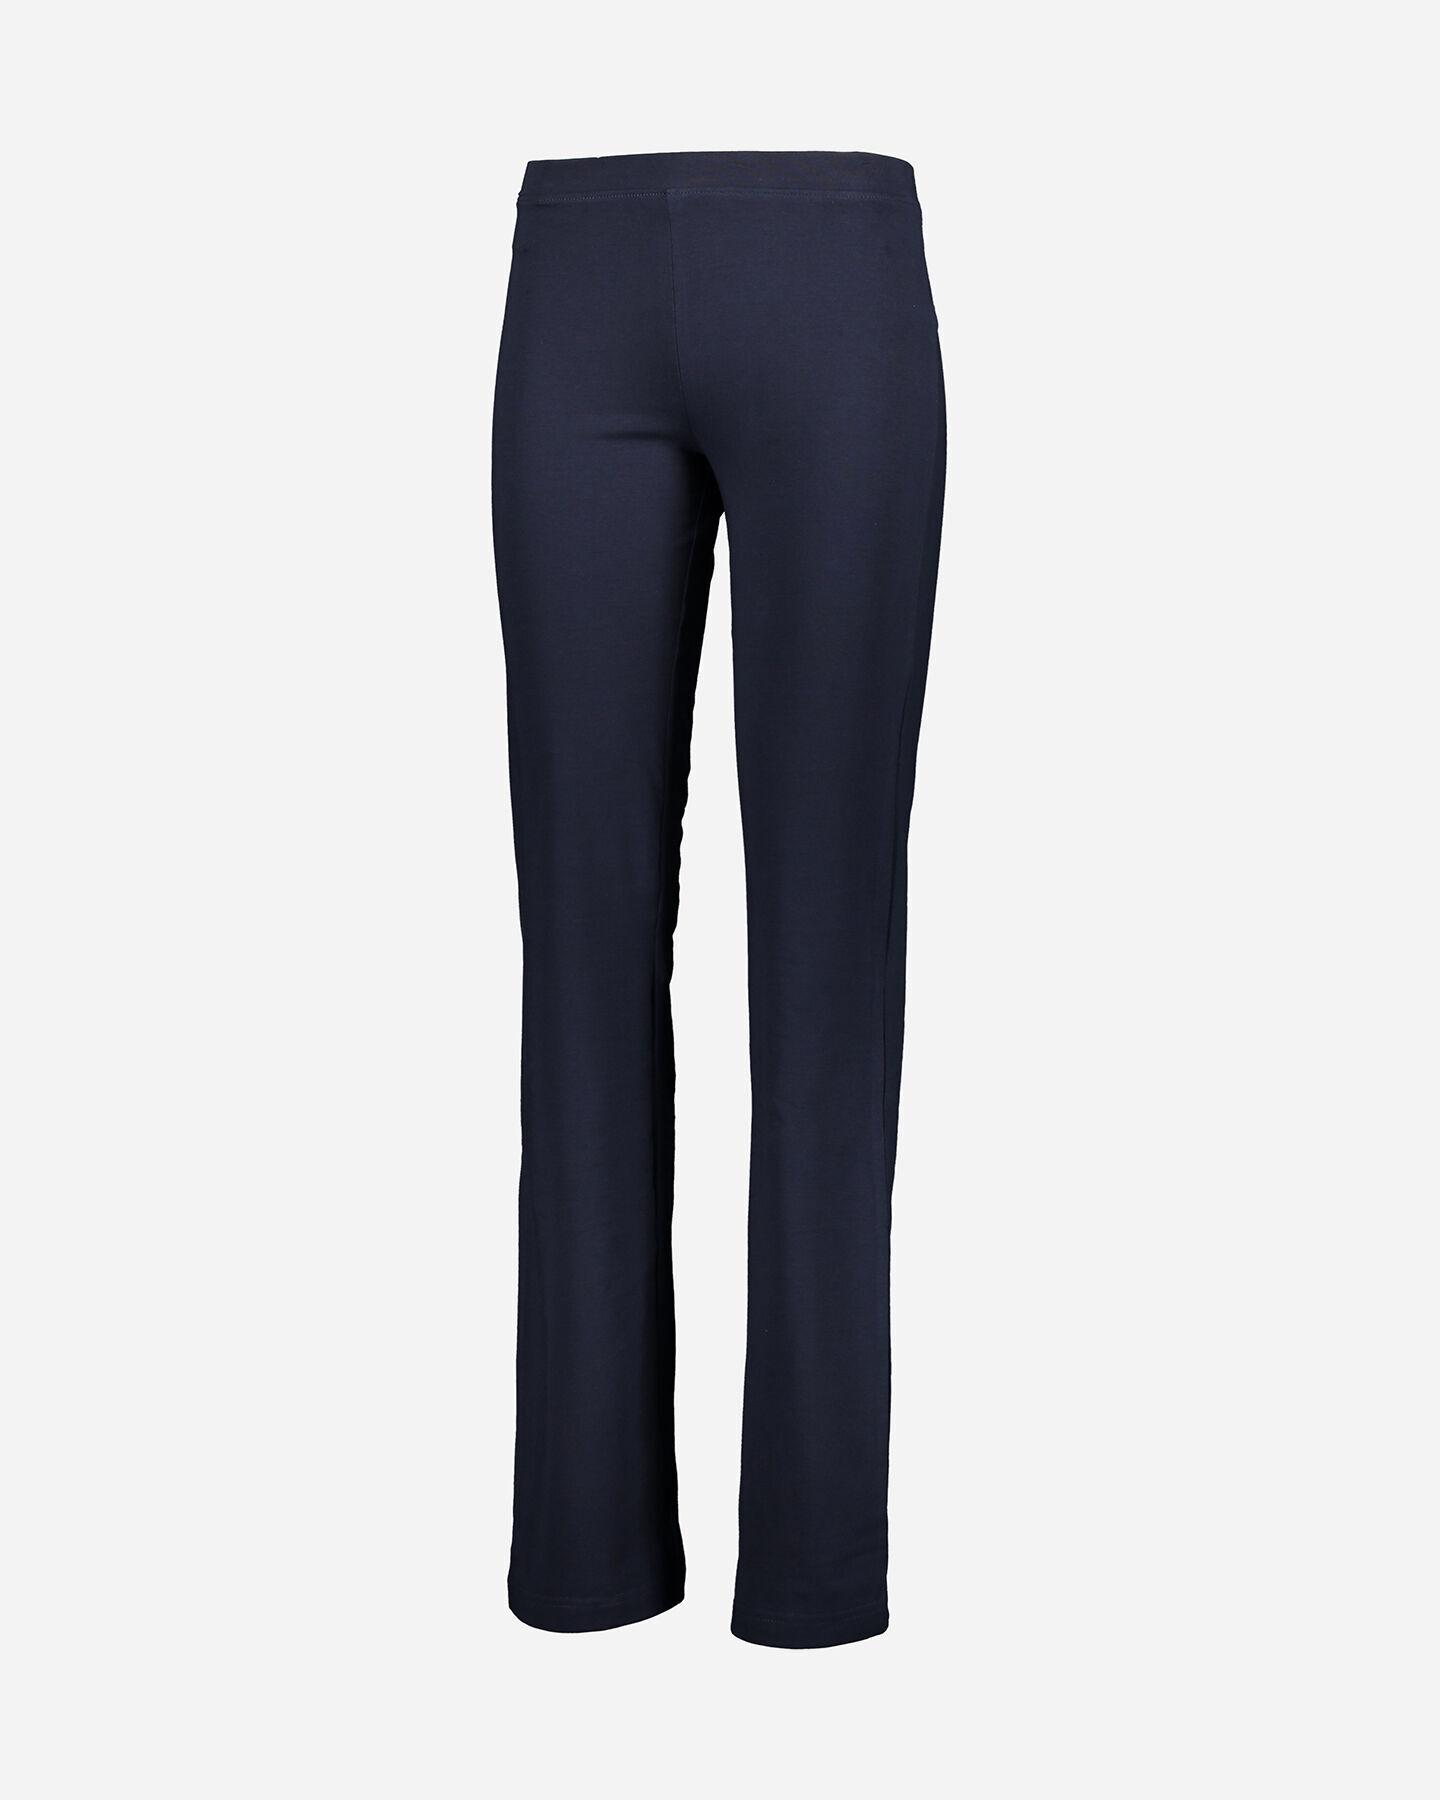 Pantalone ABC STRAIGHT W S5296356 scatto 4